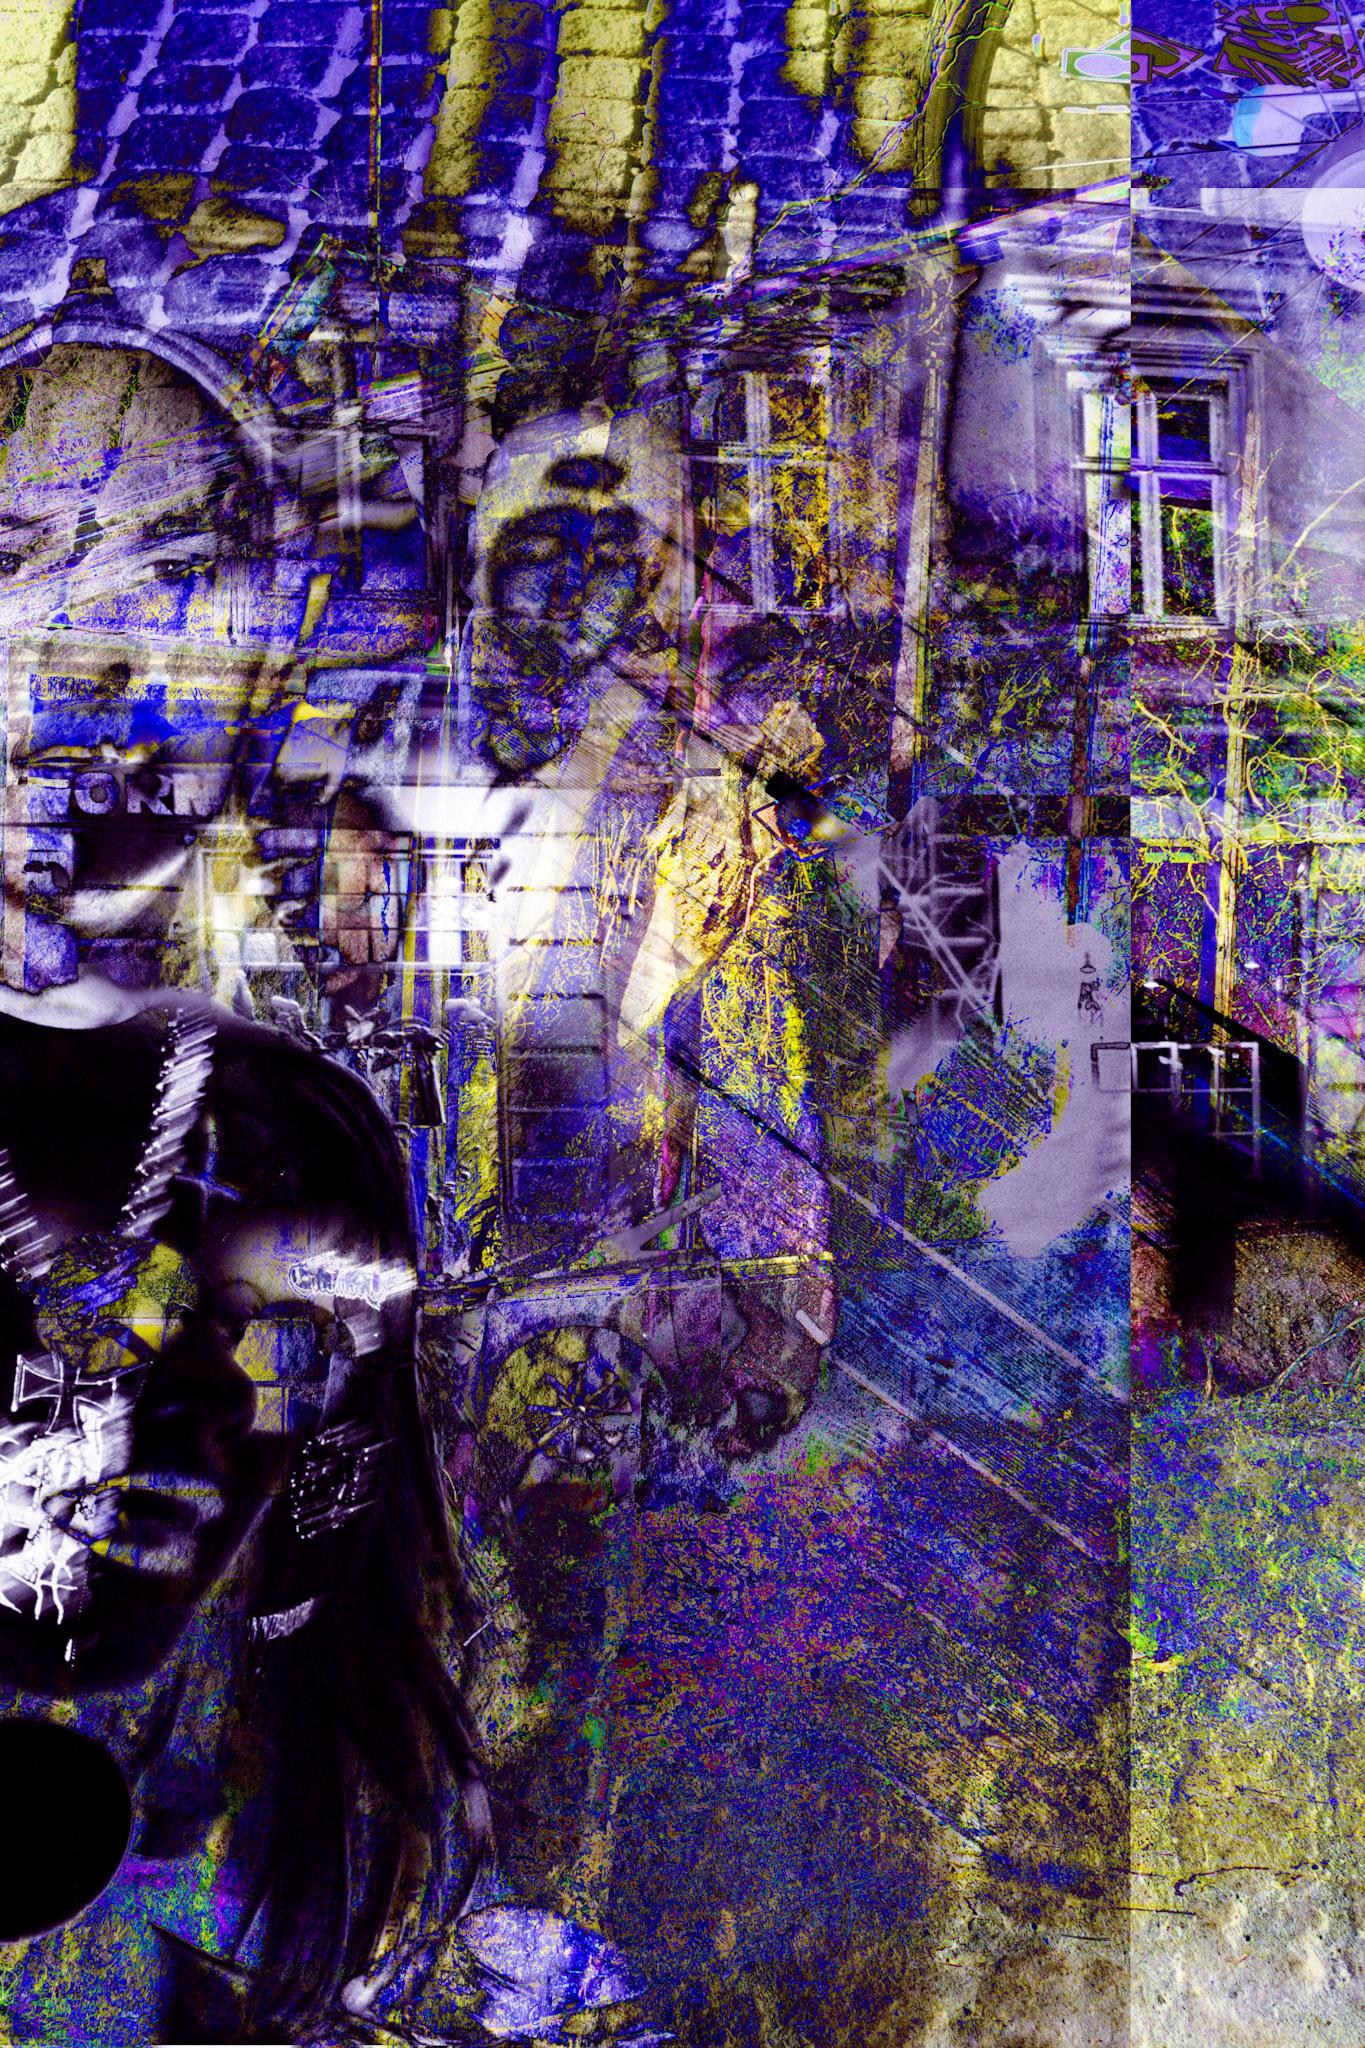 fotoskolen fatamorgana_3.3.jpg